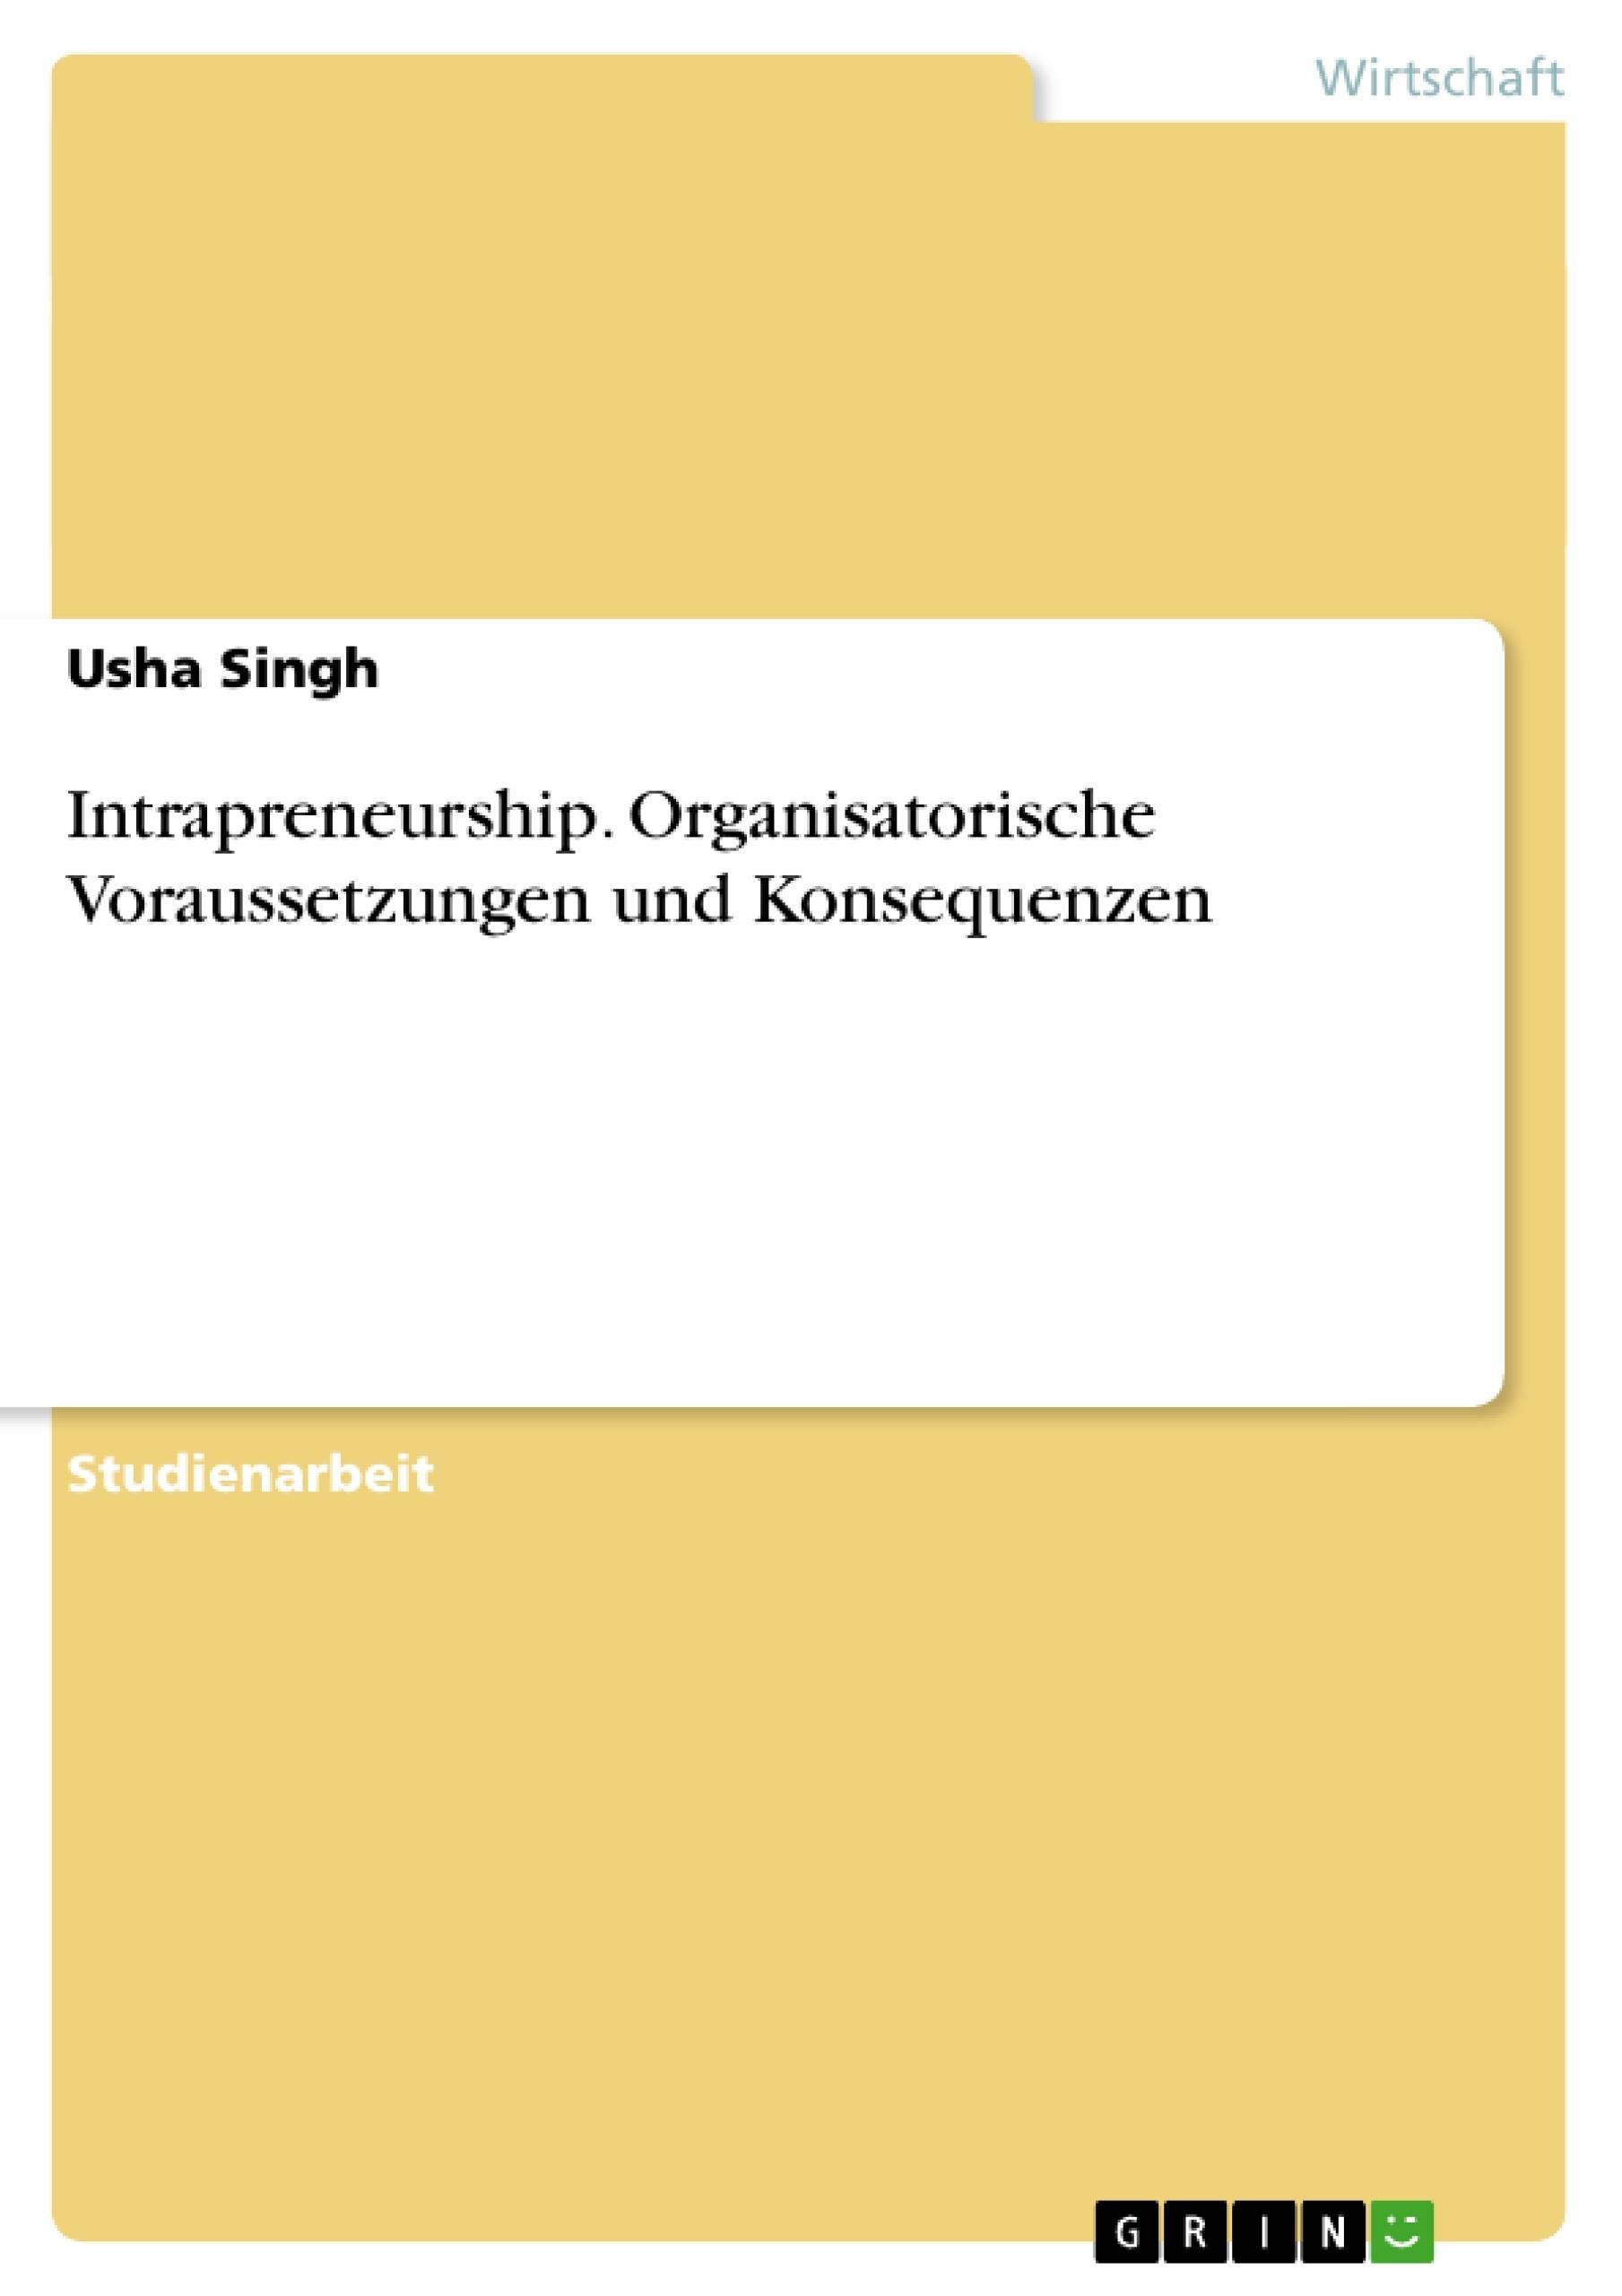 Titel: Intrapreneurship. Organisatorische Voraussetzungen und Konsequenzen